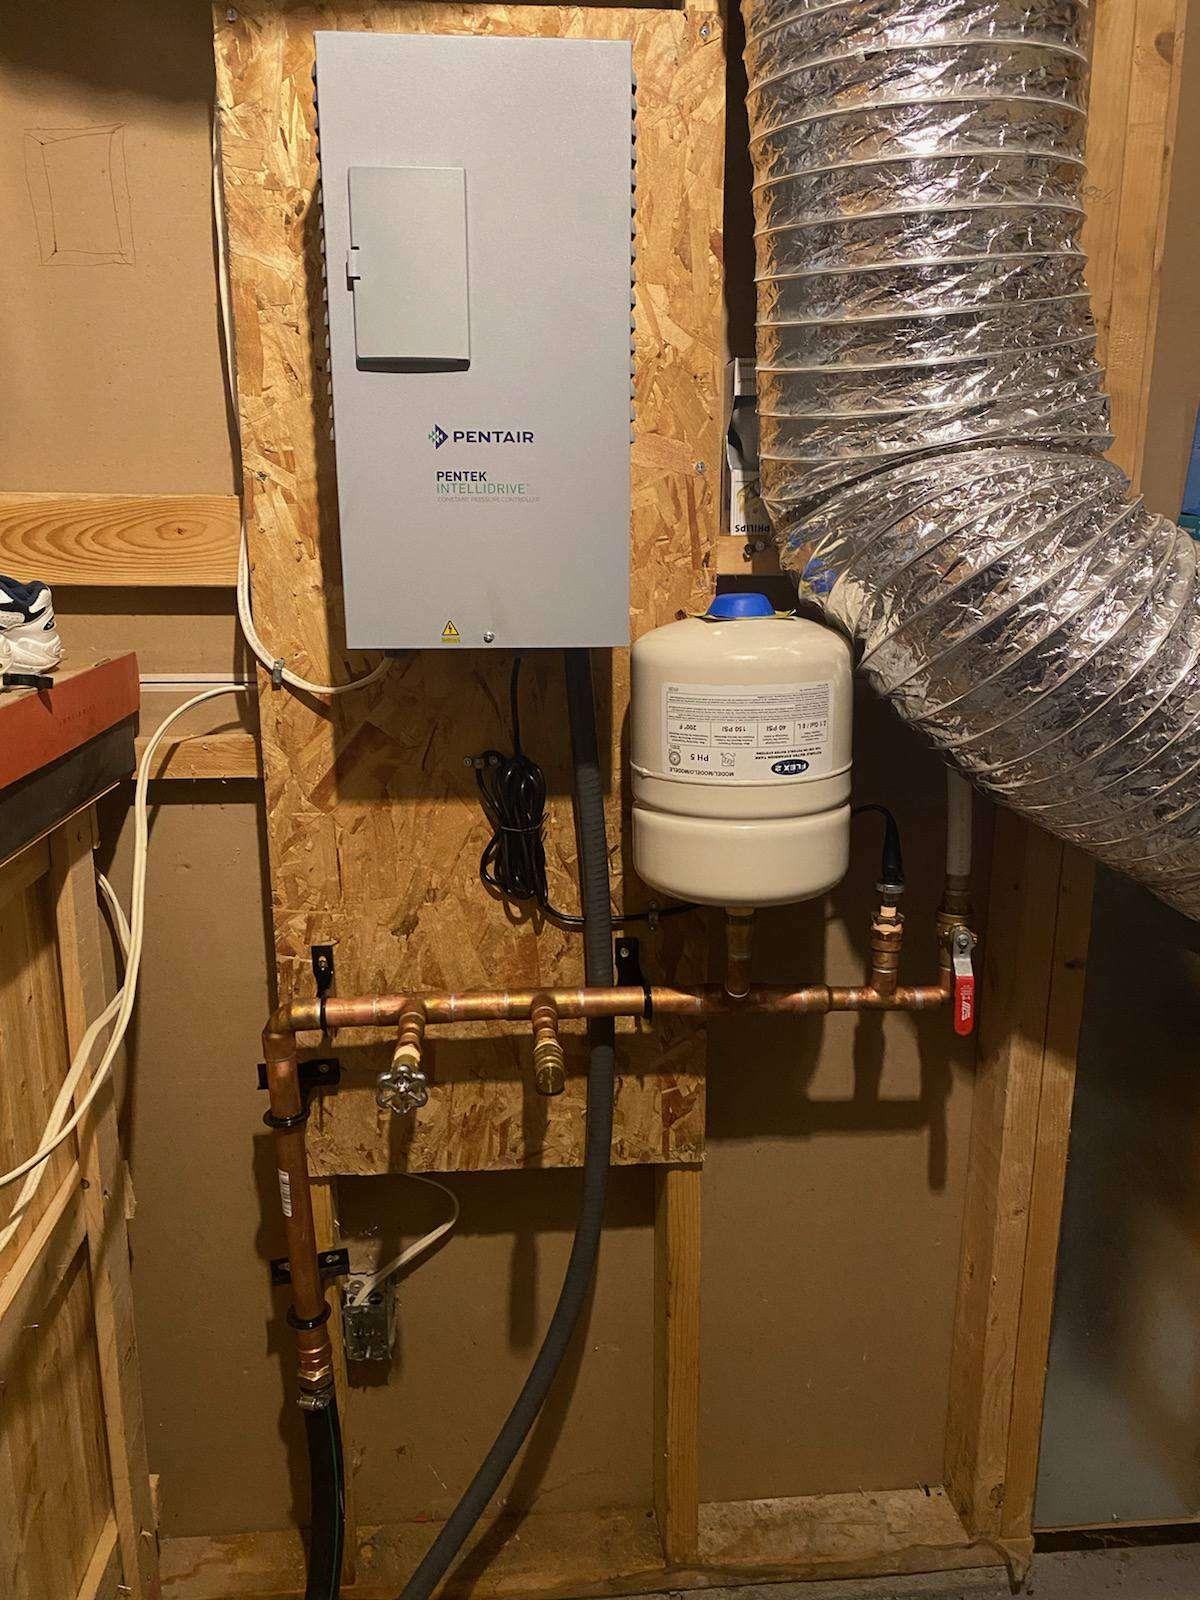 Pentair constant pressure system